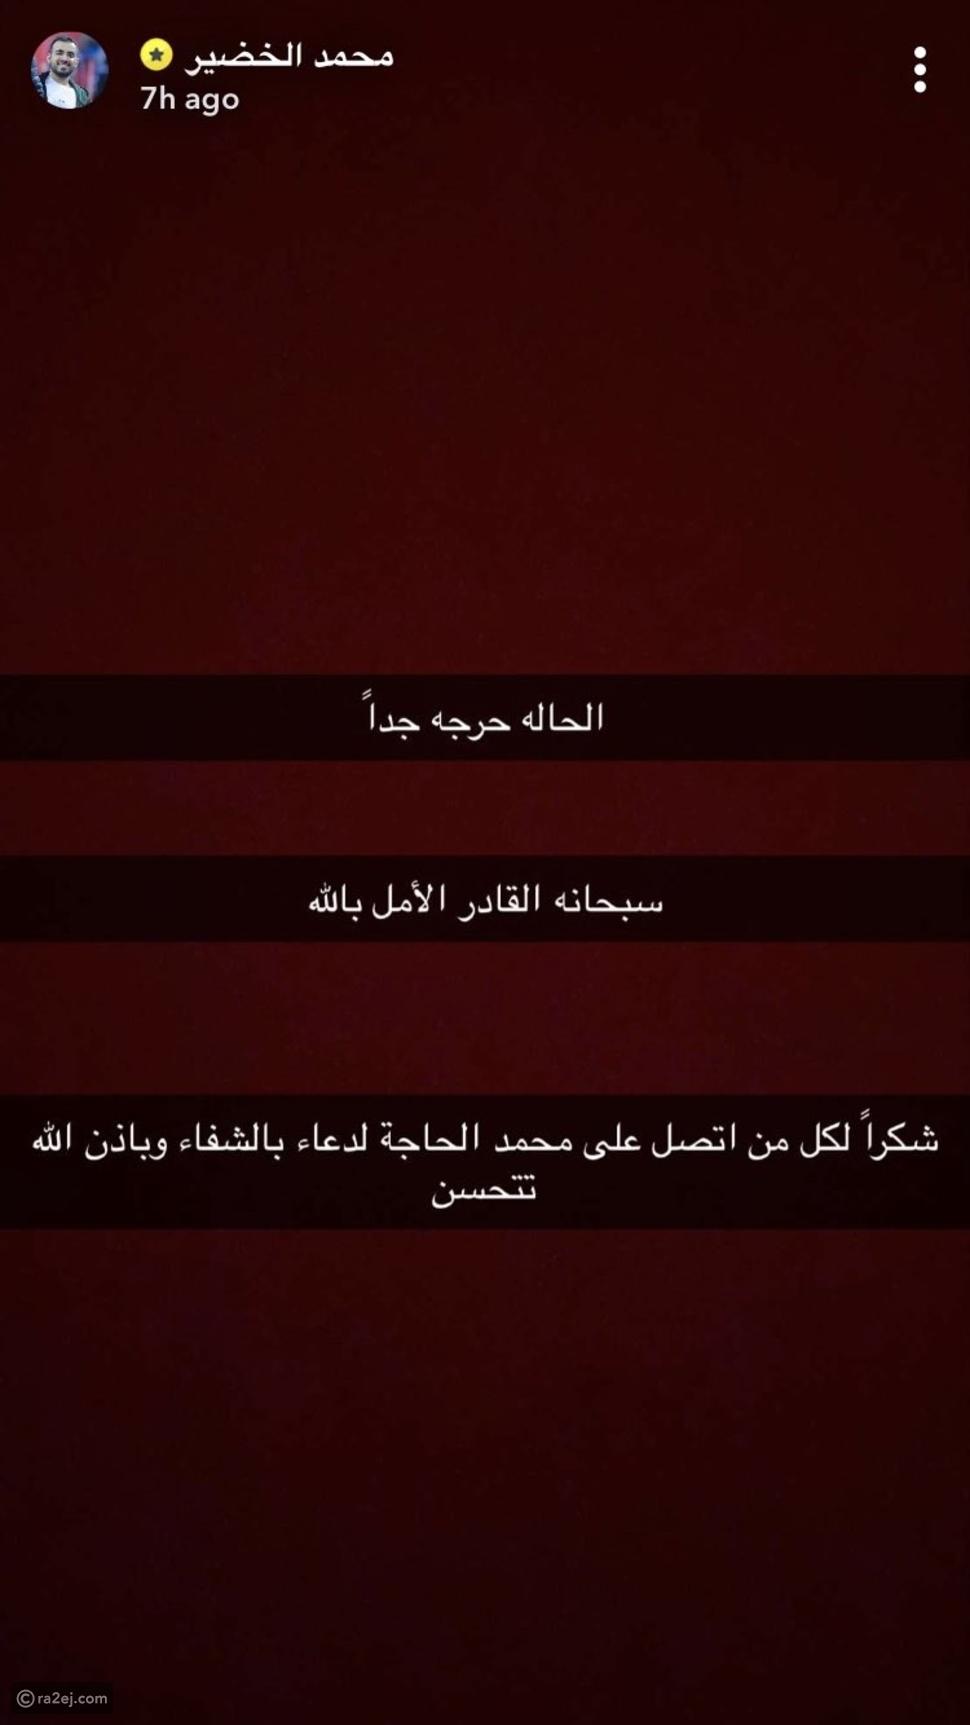 ابنة الإعلامي السعودي محمد الخضير في حالة حرجة بعد تعرضها للغرق